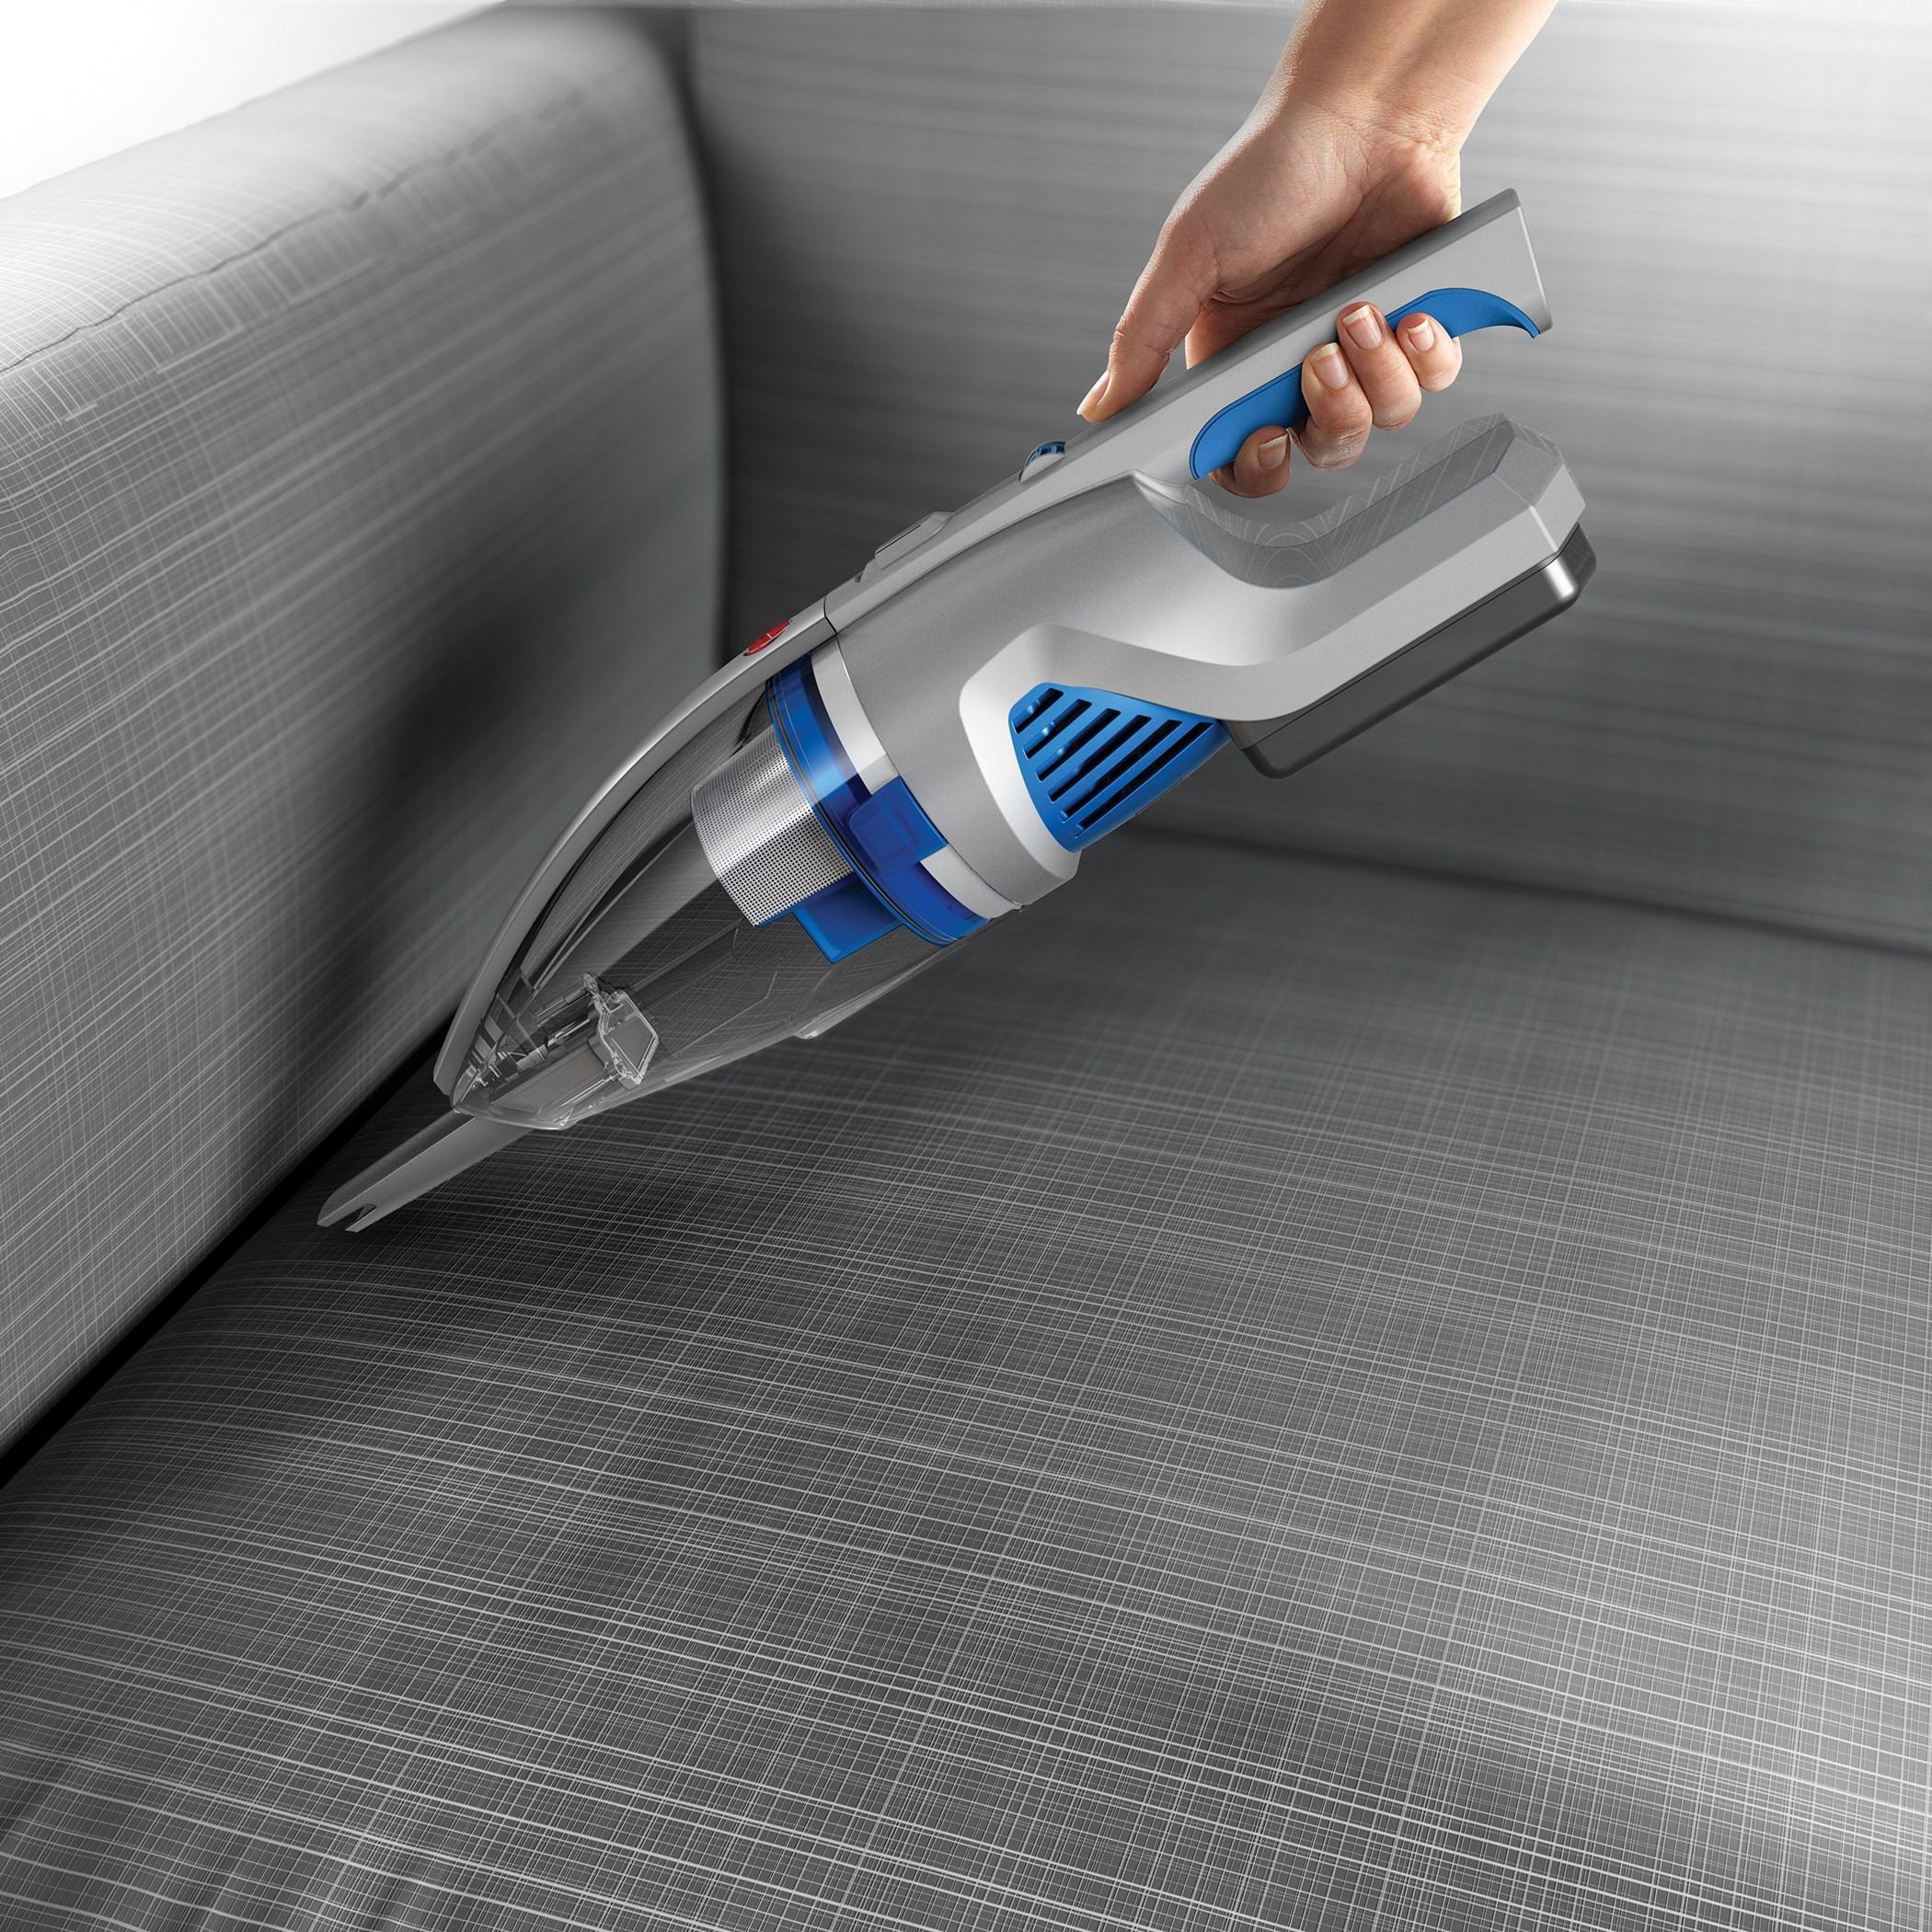 20 Volt Cordless Handheld Vacuum Cleaner